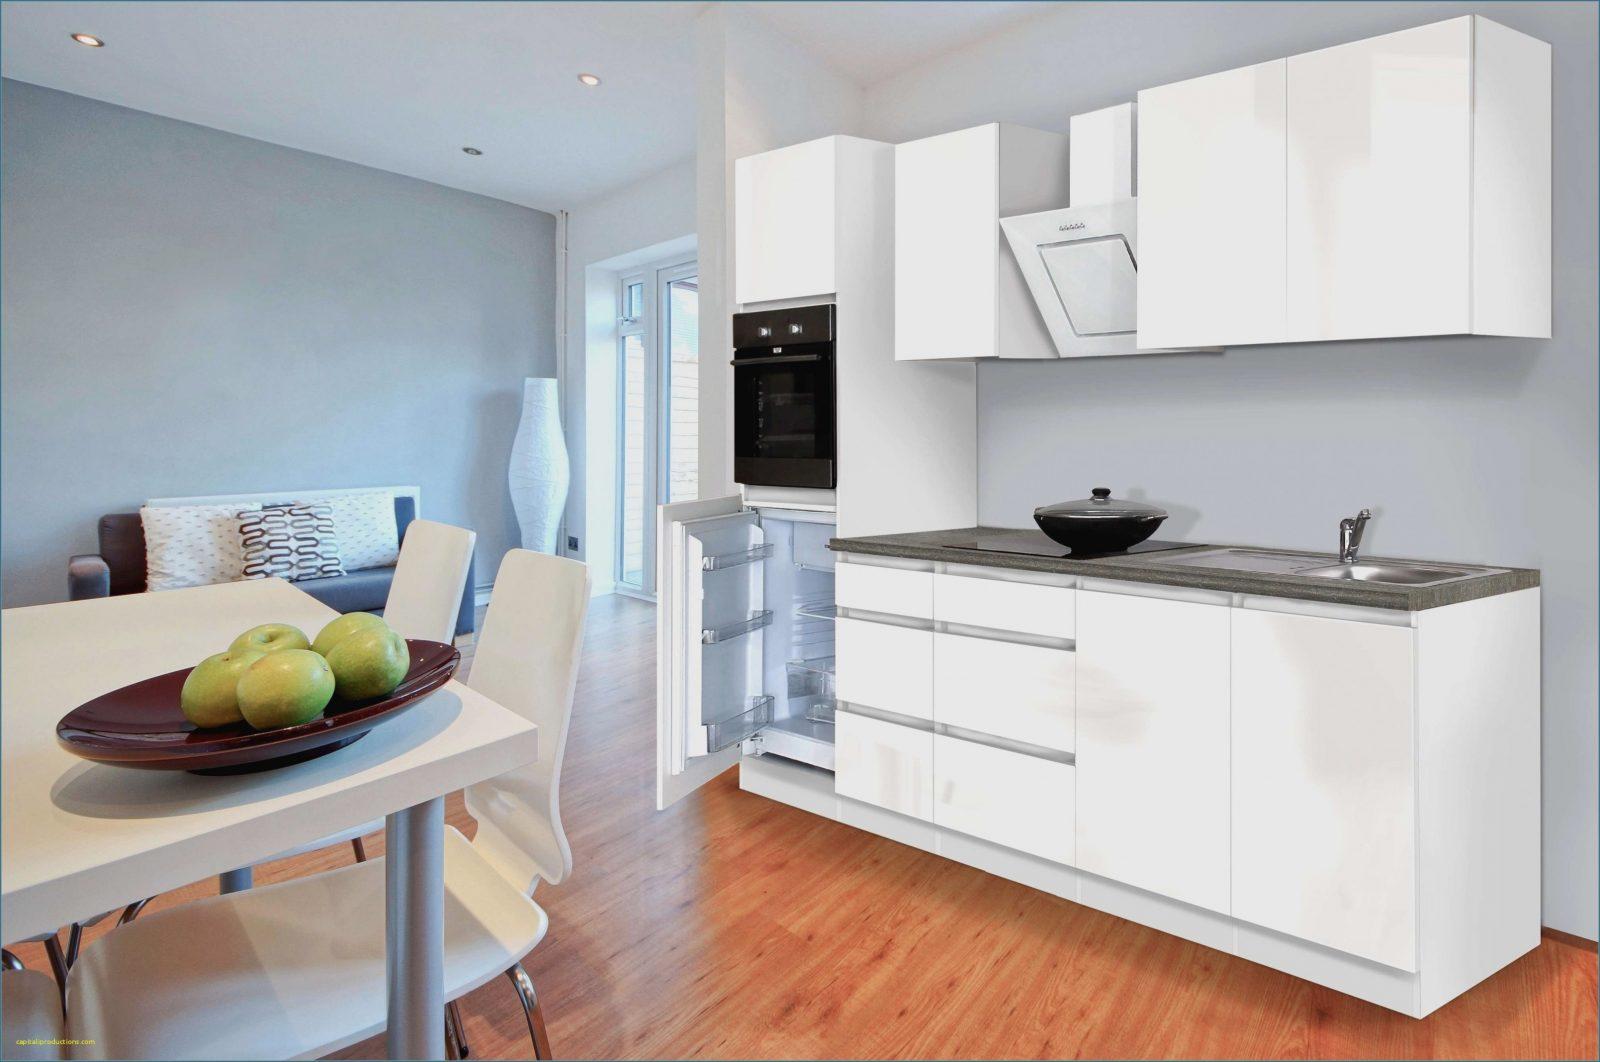 Ikea Sockelleiste Küche Faktum  Dekorieren Bei Das Haus von Ikea Küche Faktum Landhaus Bild